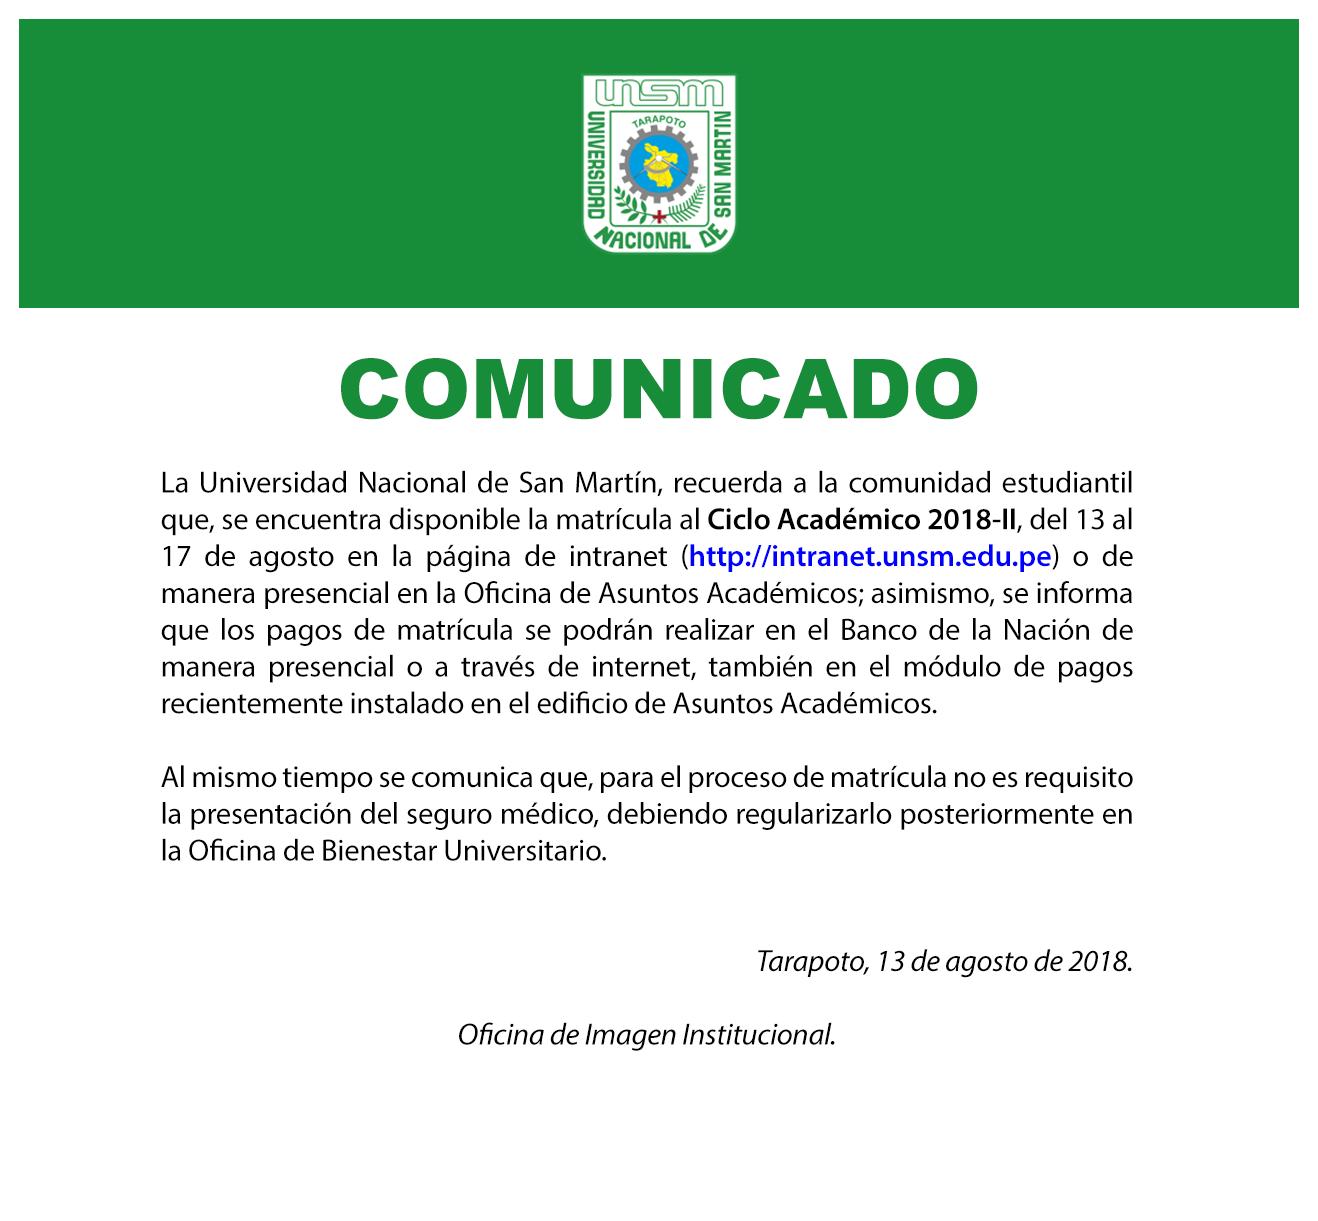 11 - COMUNICADO 130818